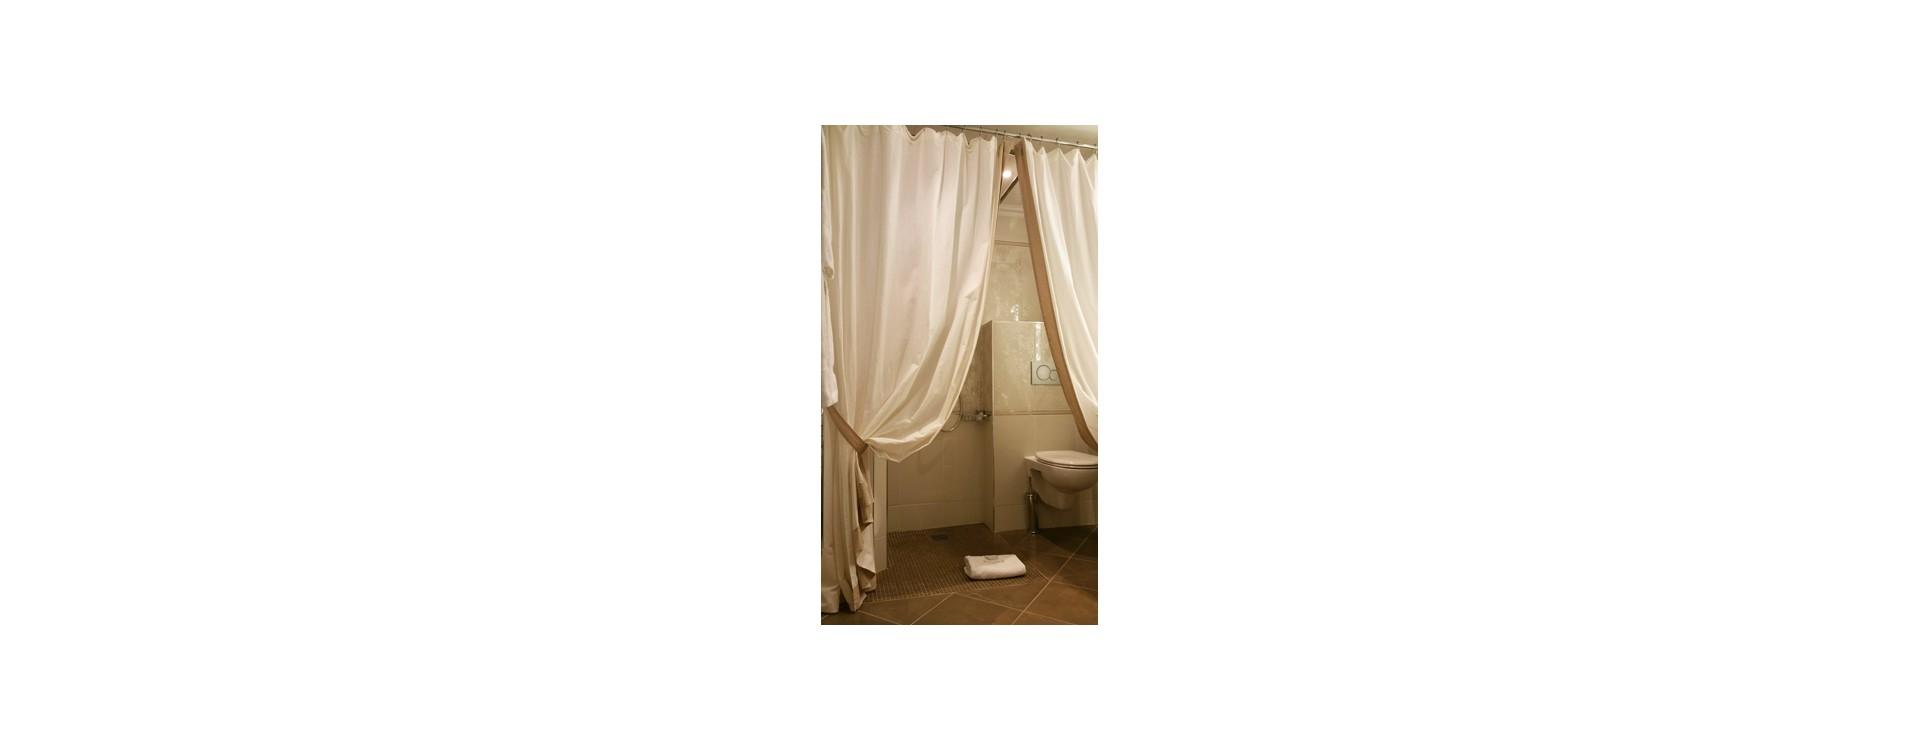 galbobain equipe les douches italienne pmr de l 39 hotel regina galbobain. Black Bedroom Furniture Sets. Home Design Ideas